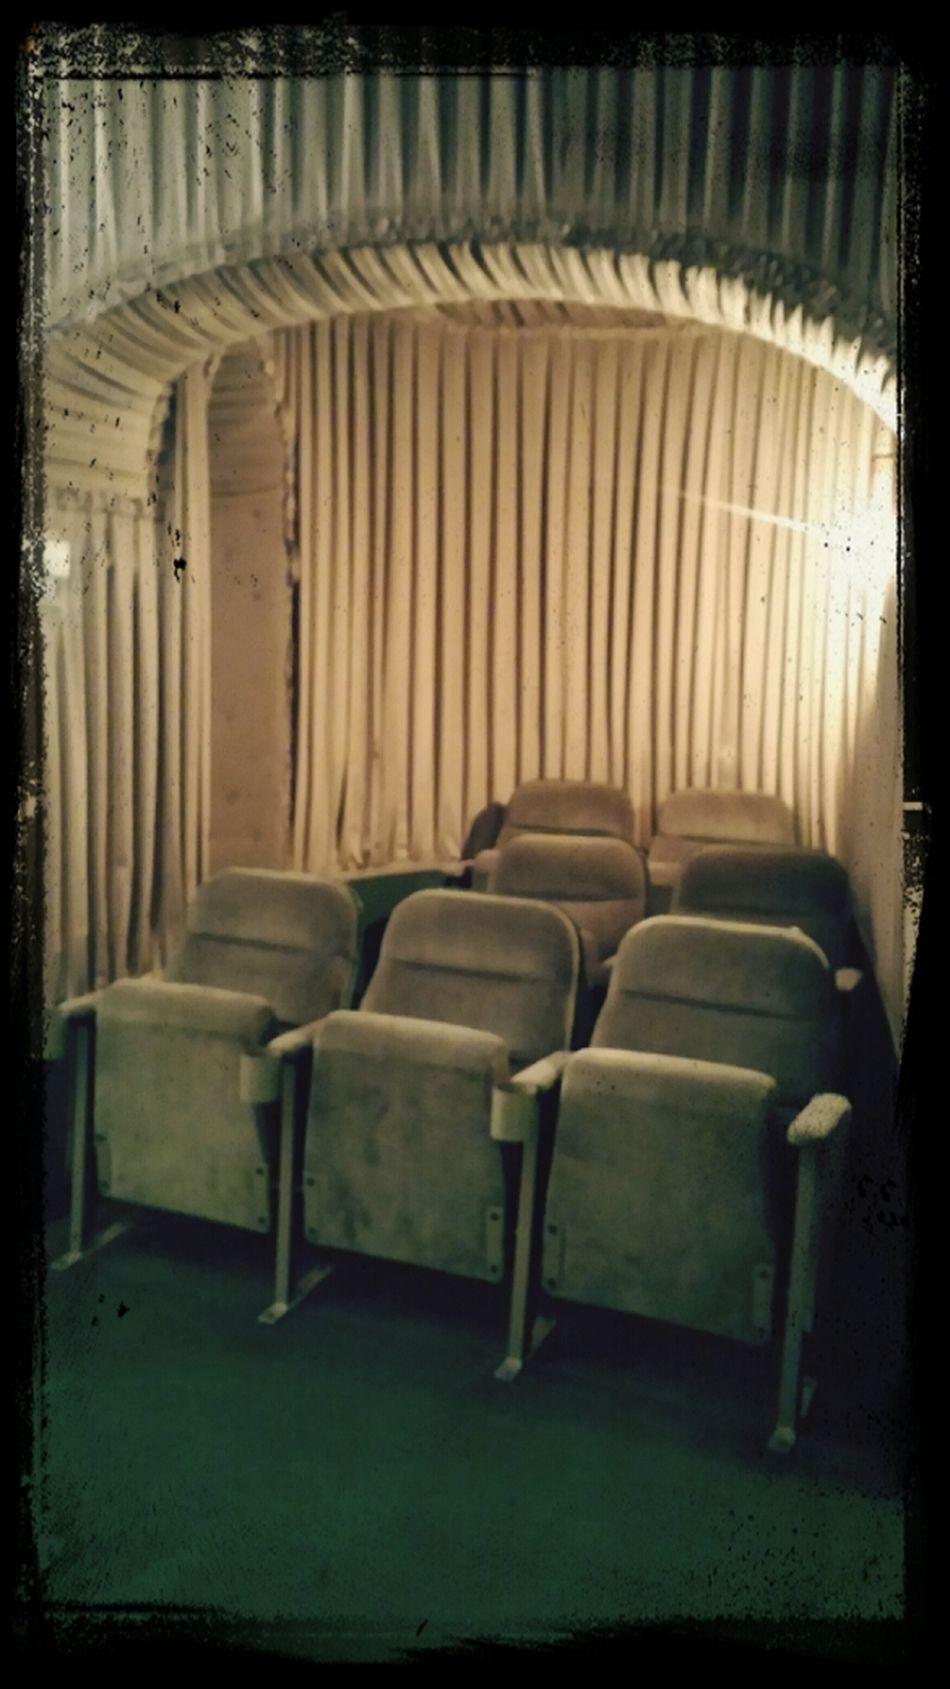 Das schönste Kino der Welt, das SCALA in Hof!